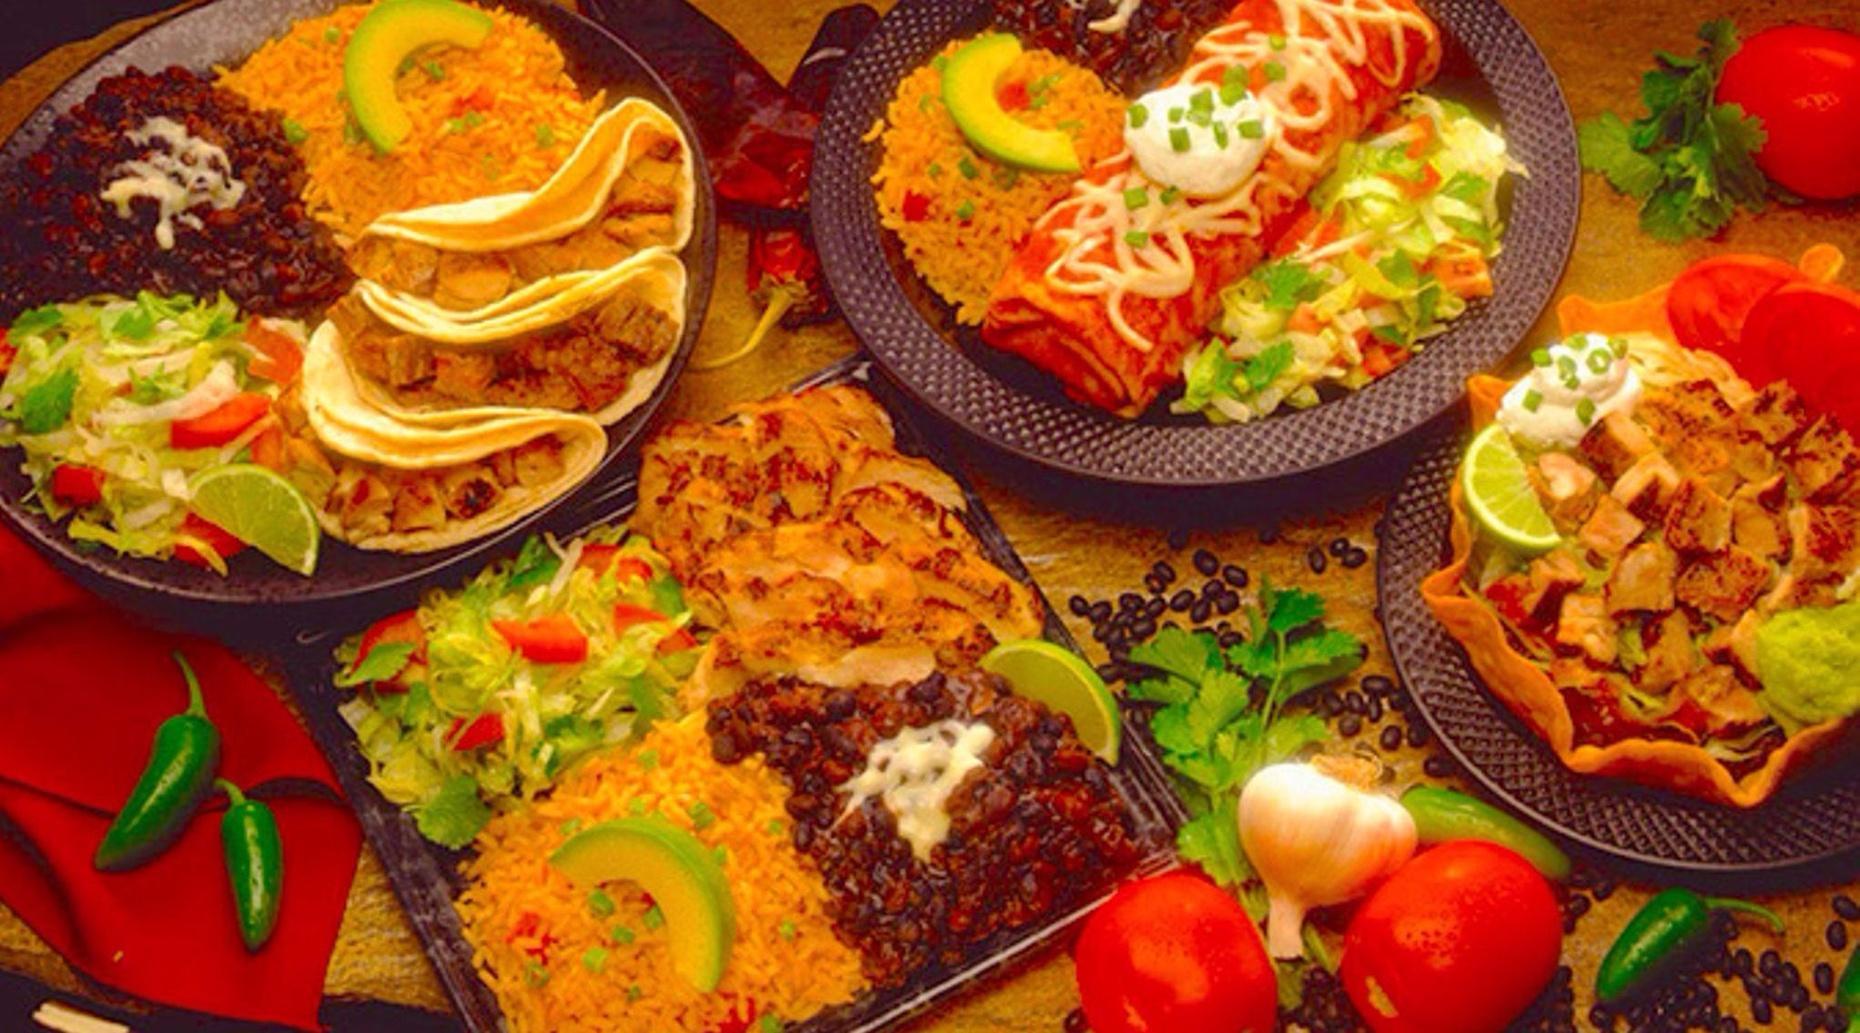 Guadalajara Guided Tasting Tour